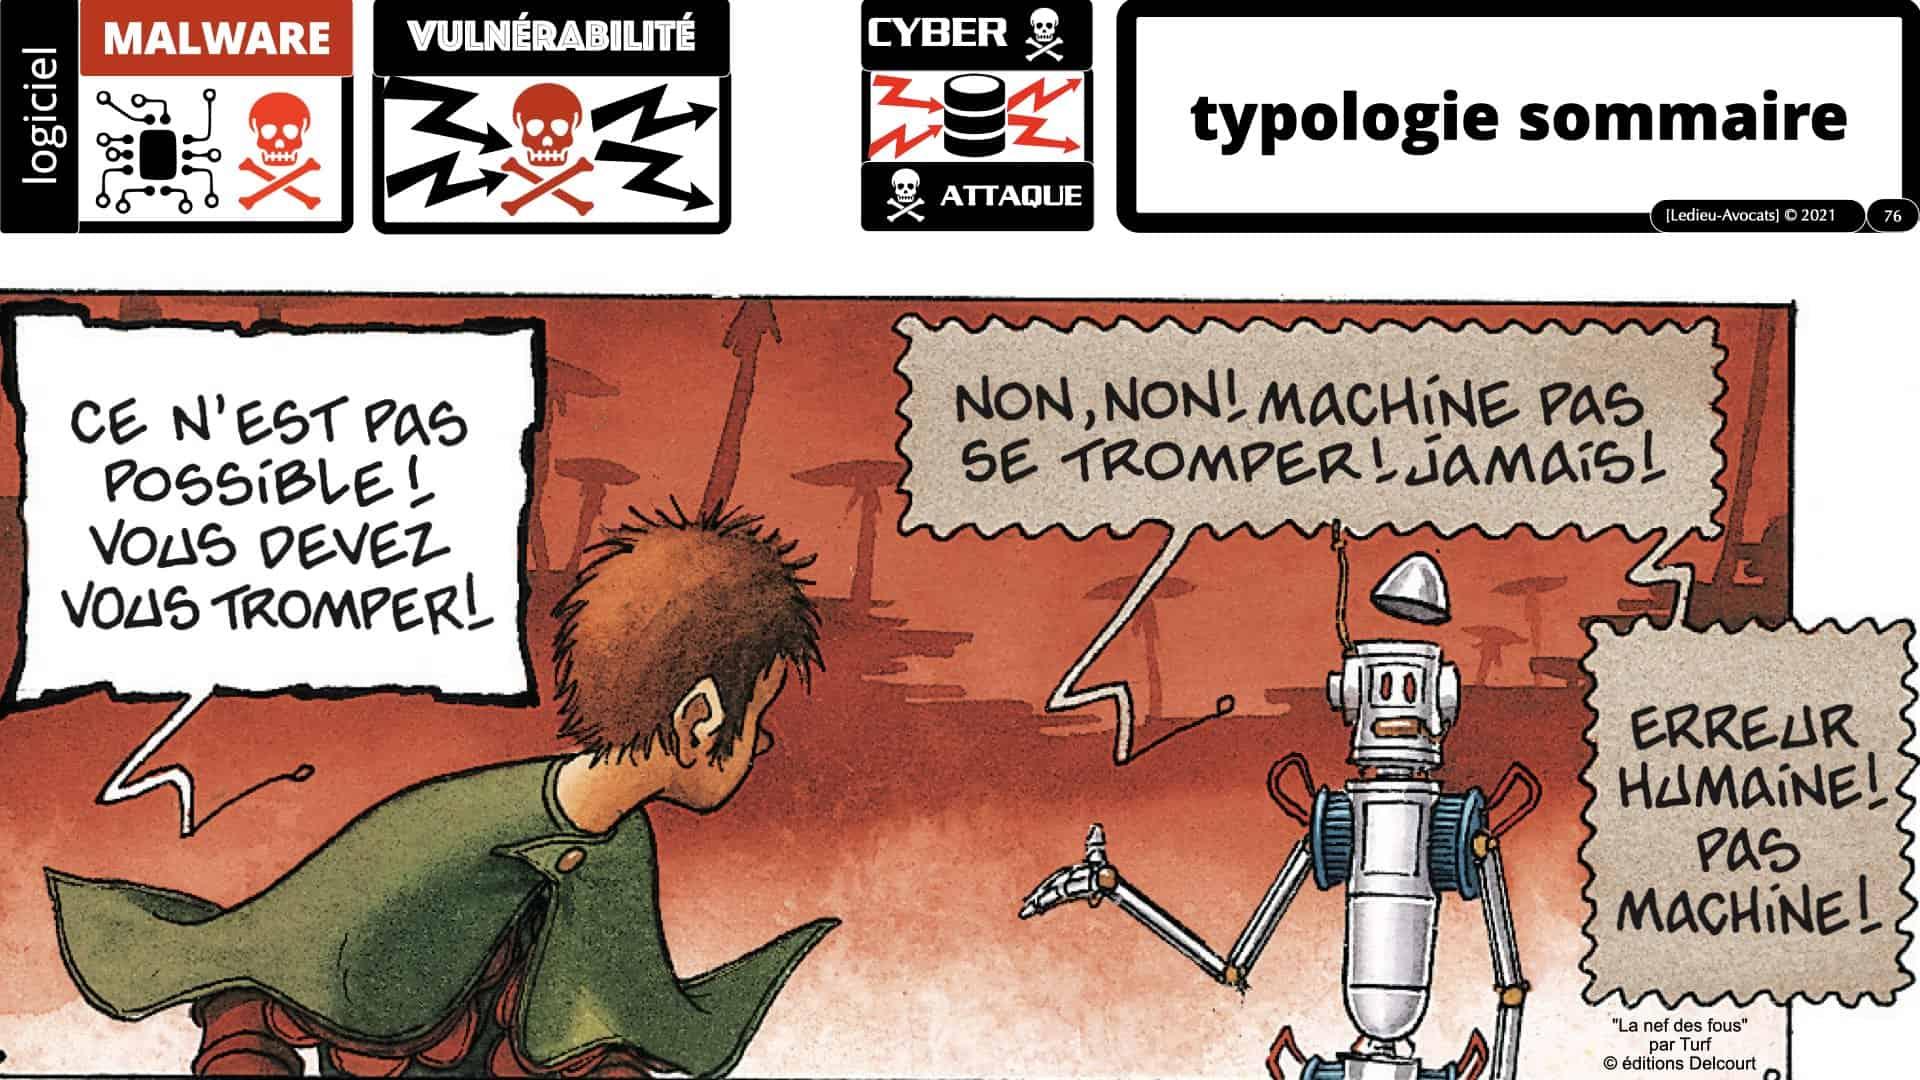 330 CYBER ATTAQUE © Ledieu-Avocats 09-03-2021.076